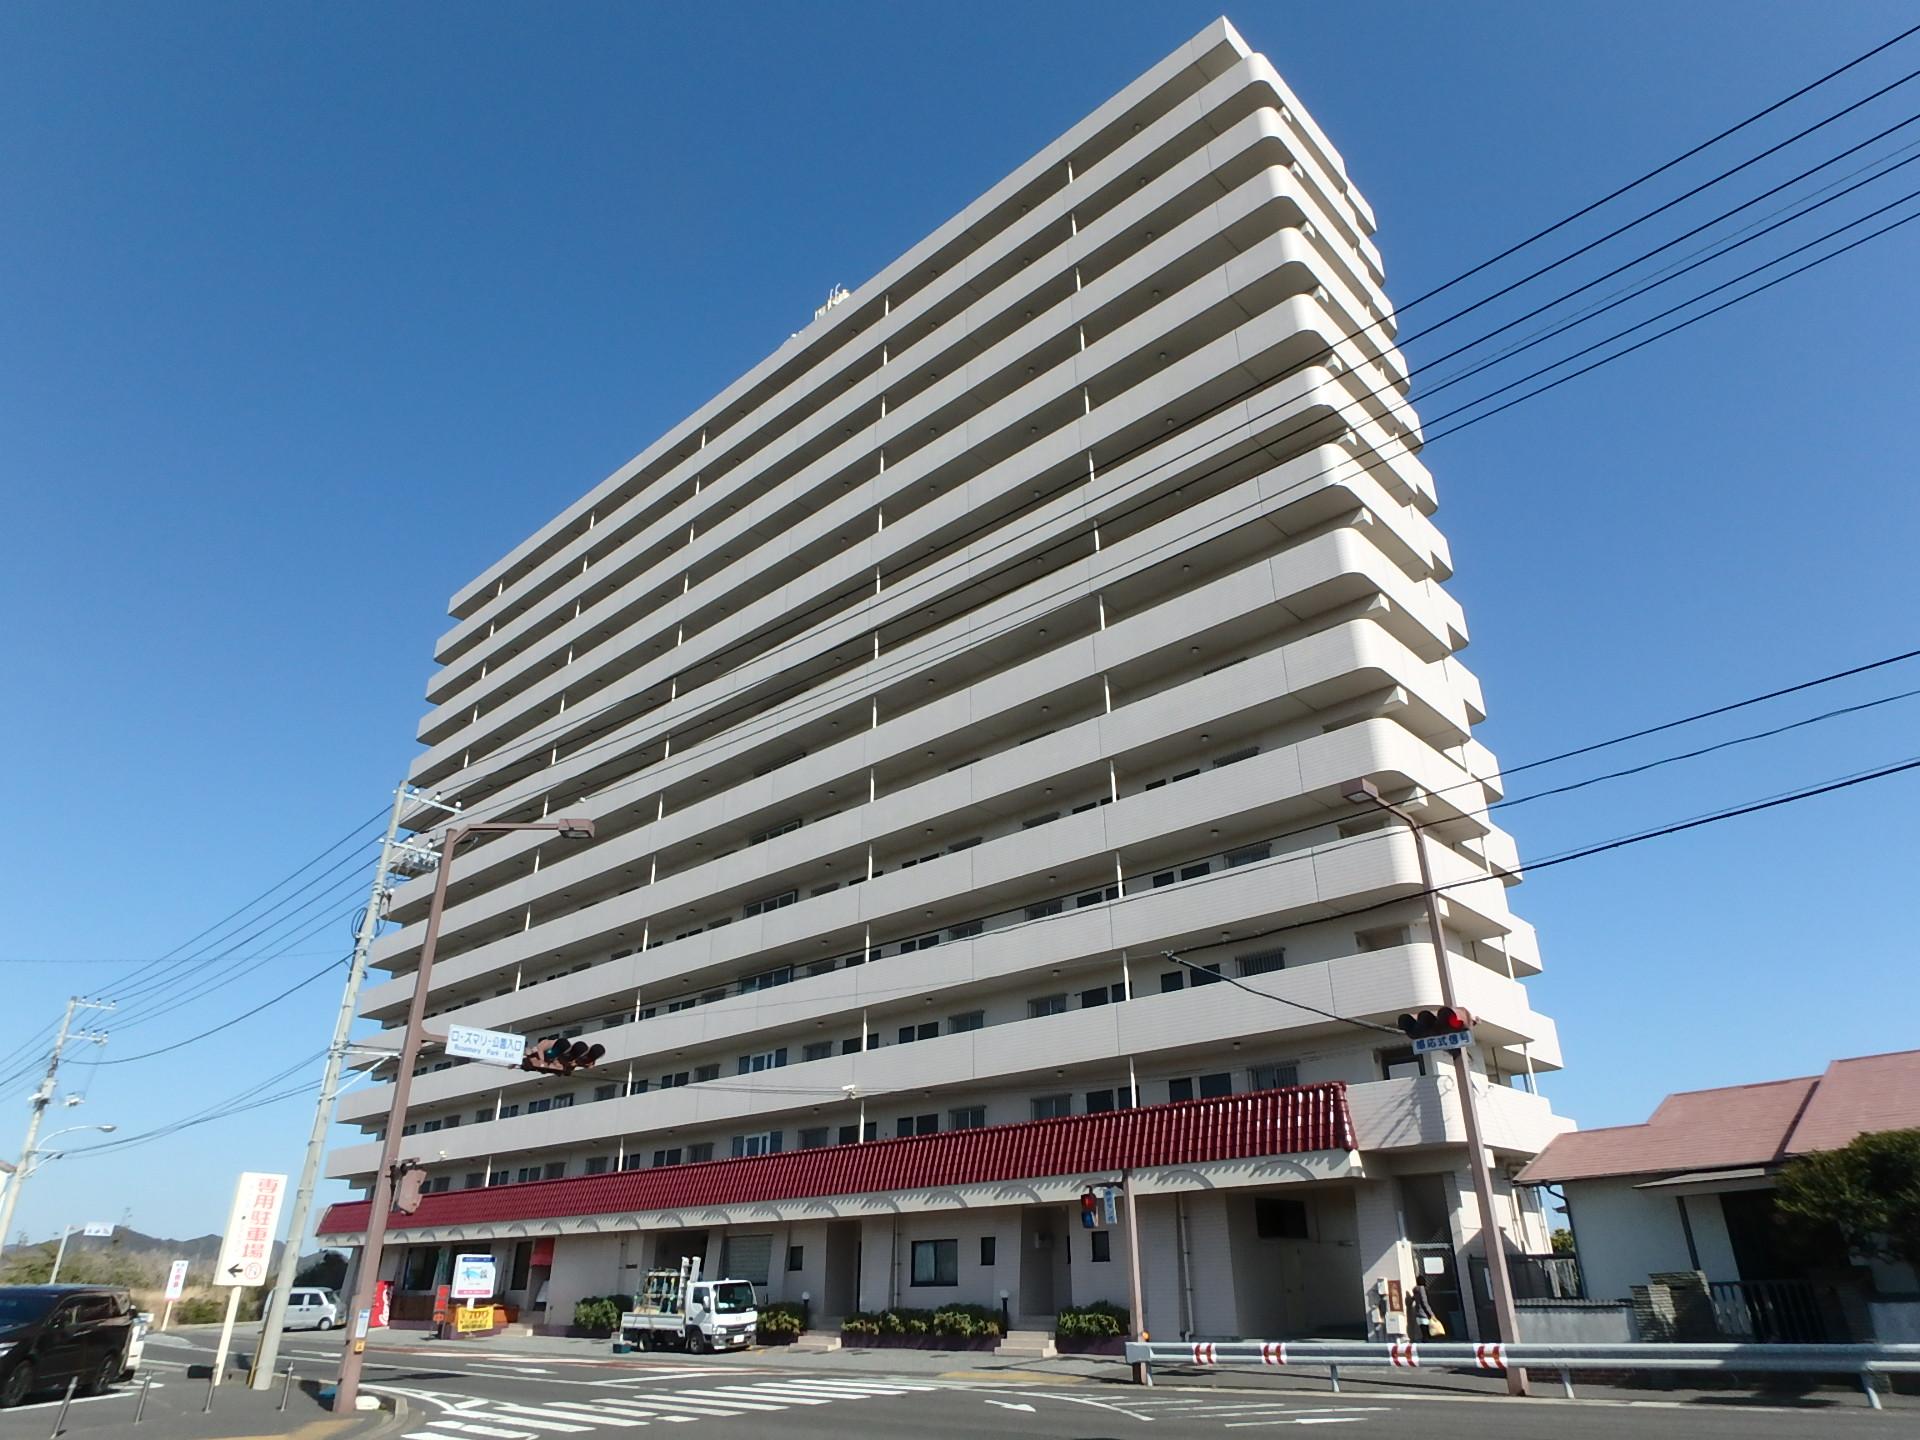 千葉県南房総市白子のマンション新着、フラワーコースト南房